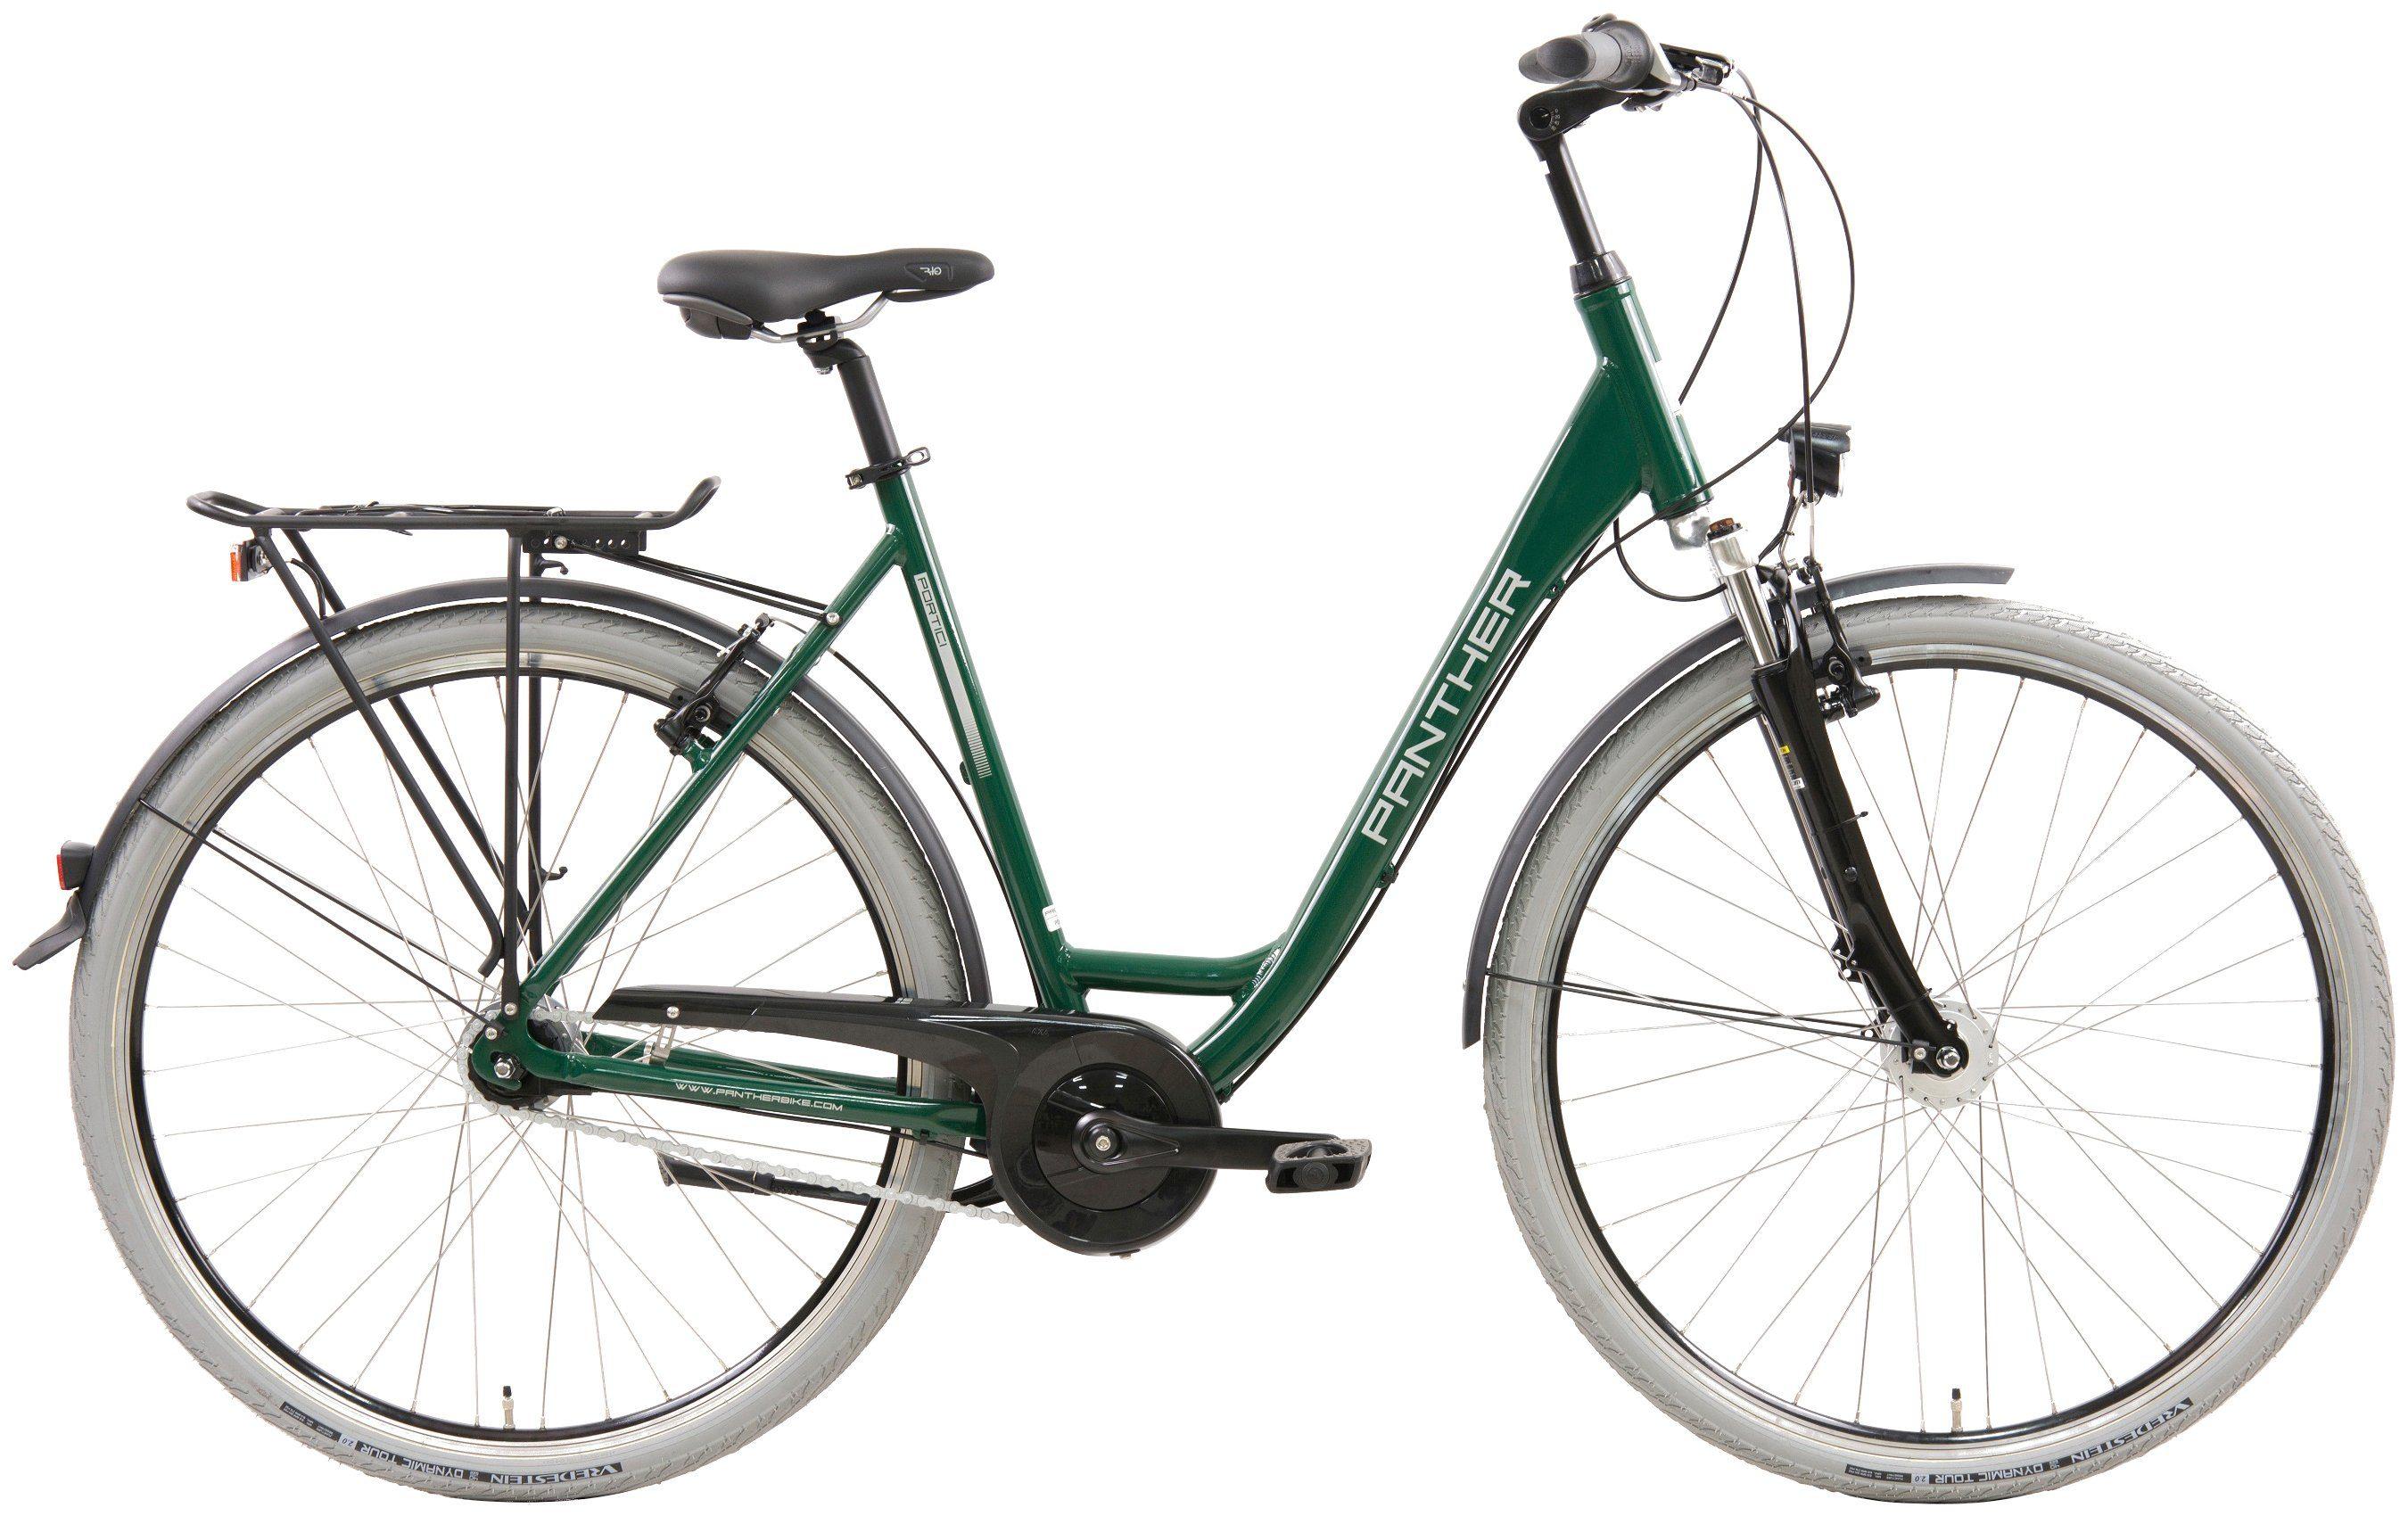 PANTHER Citybike Damen »Portici«, 28 Zoll, 7 Gang, Felgenbremse